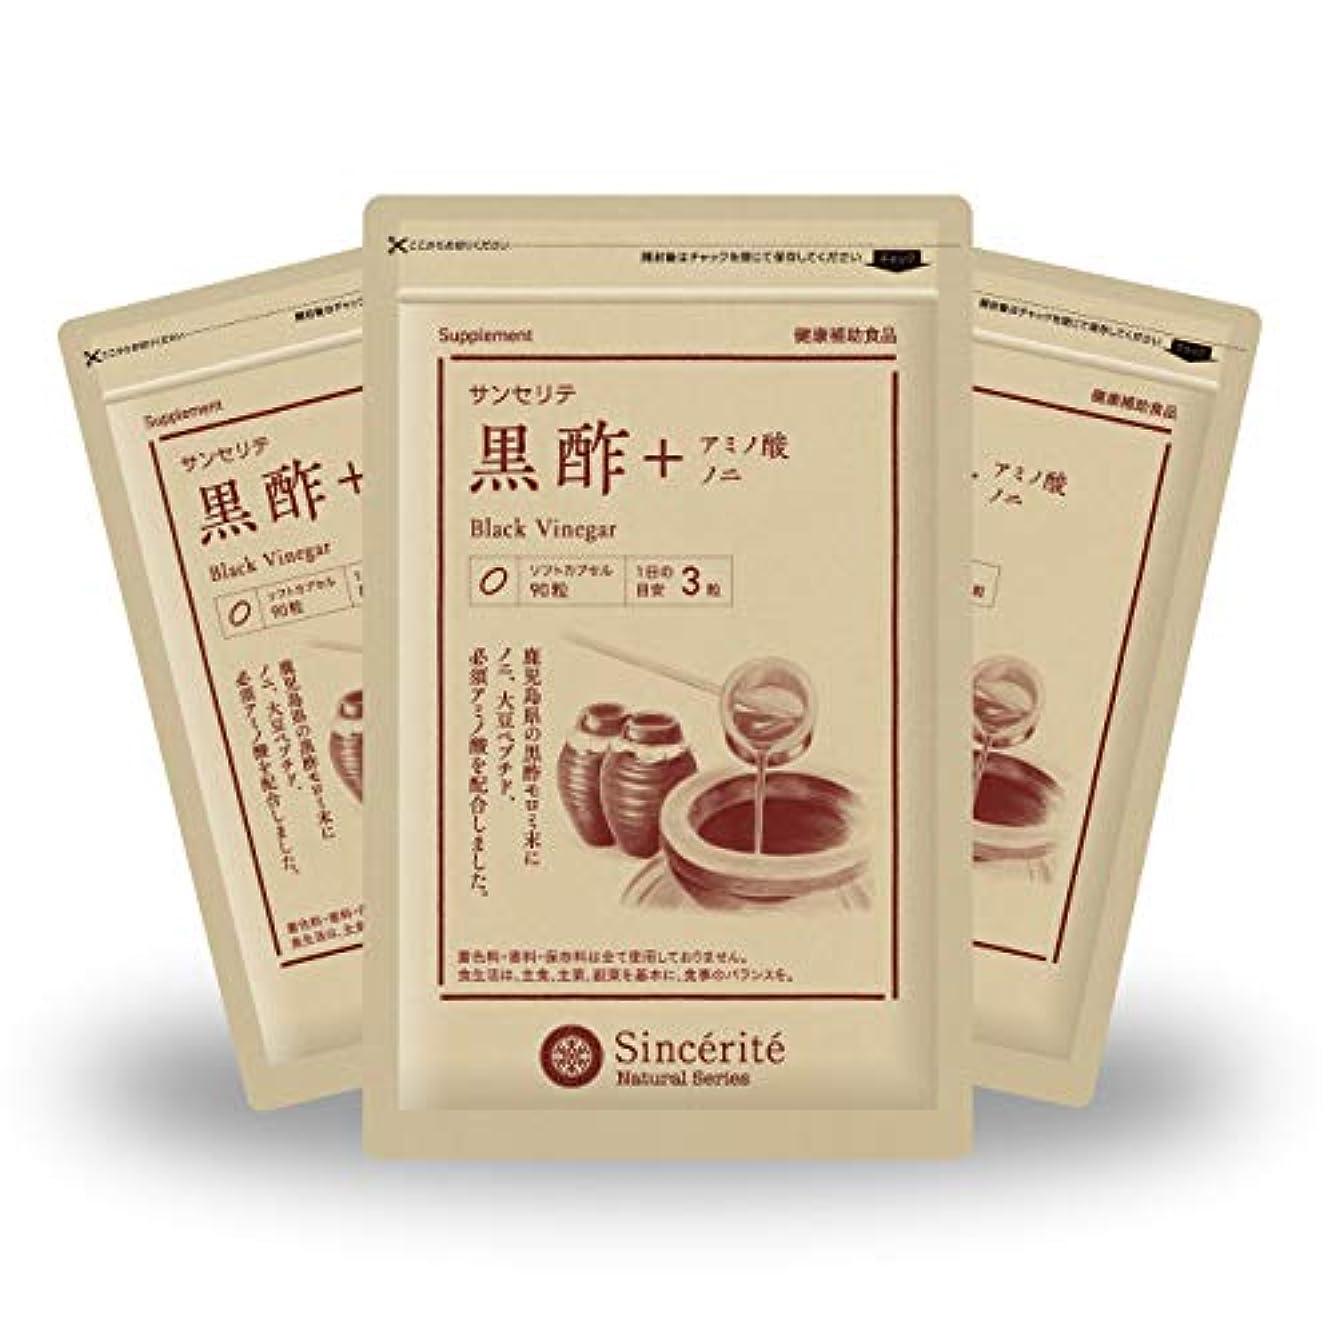 迷信磨かれたナット黒酢?アミノ酸+ノニ 3袋セット[送料無料][黒酢モロミ末]300mg配合[国内製造]お得な90日分